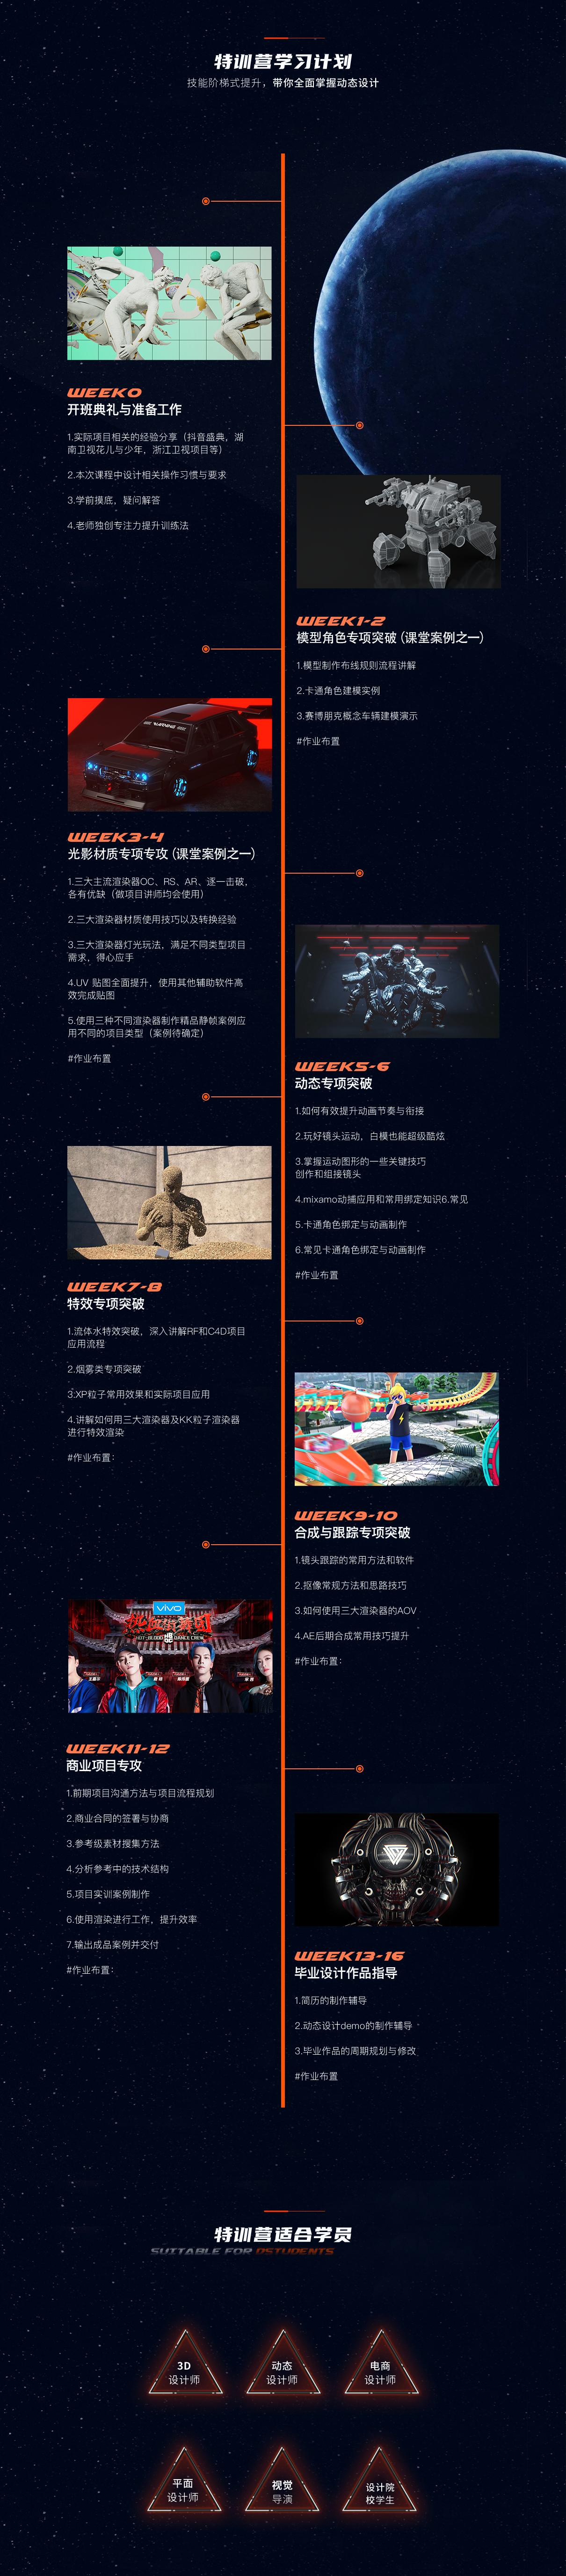 week最新版本-3.png